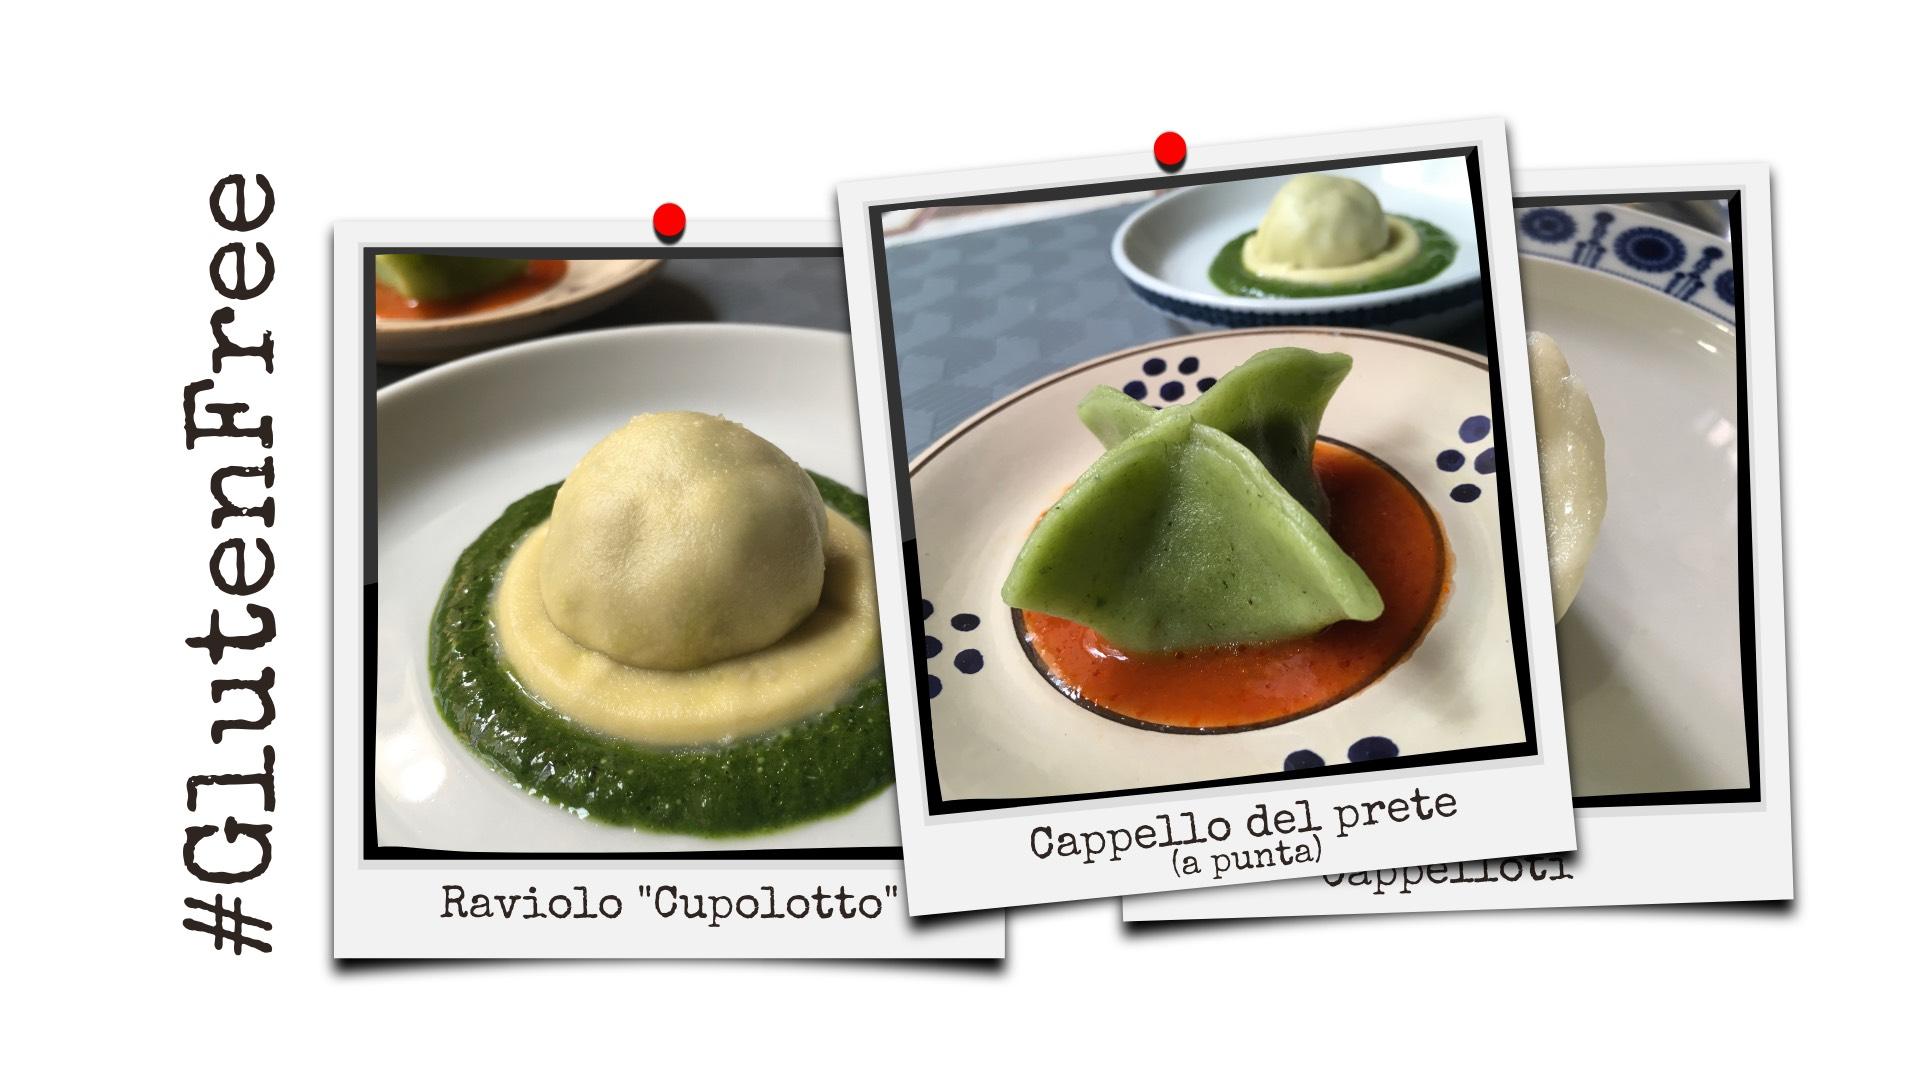 Pasta senza glutine: raviolo cupolotto e cappello del prete, quali farine usare? Ricetta e foto Orsola Ciriello Kogan ©ockstyle